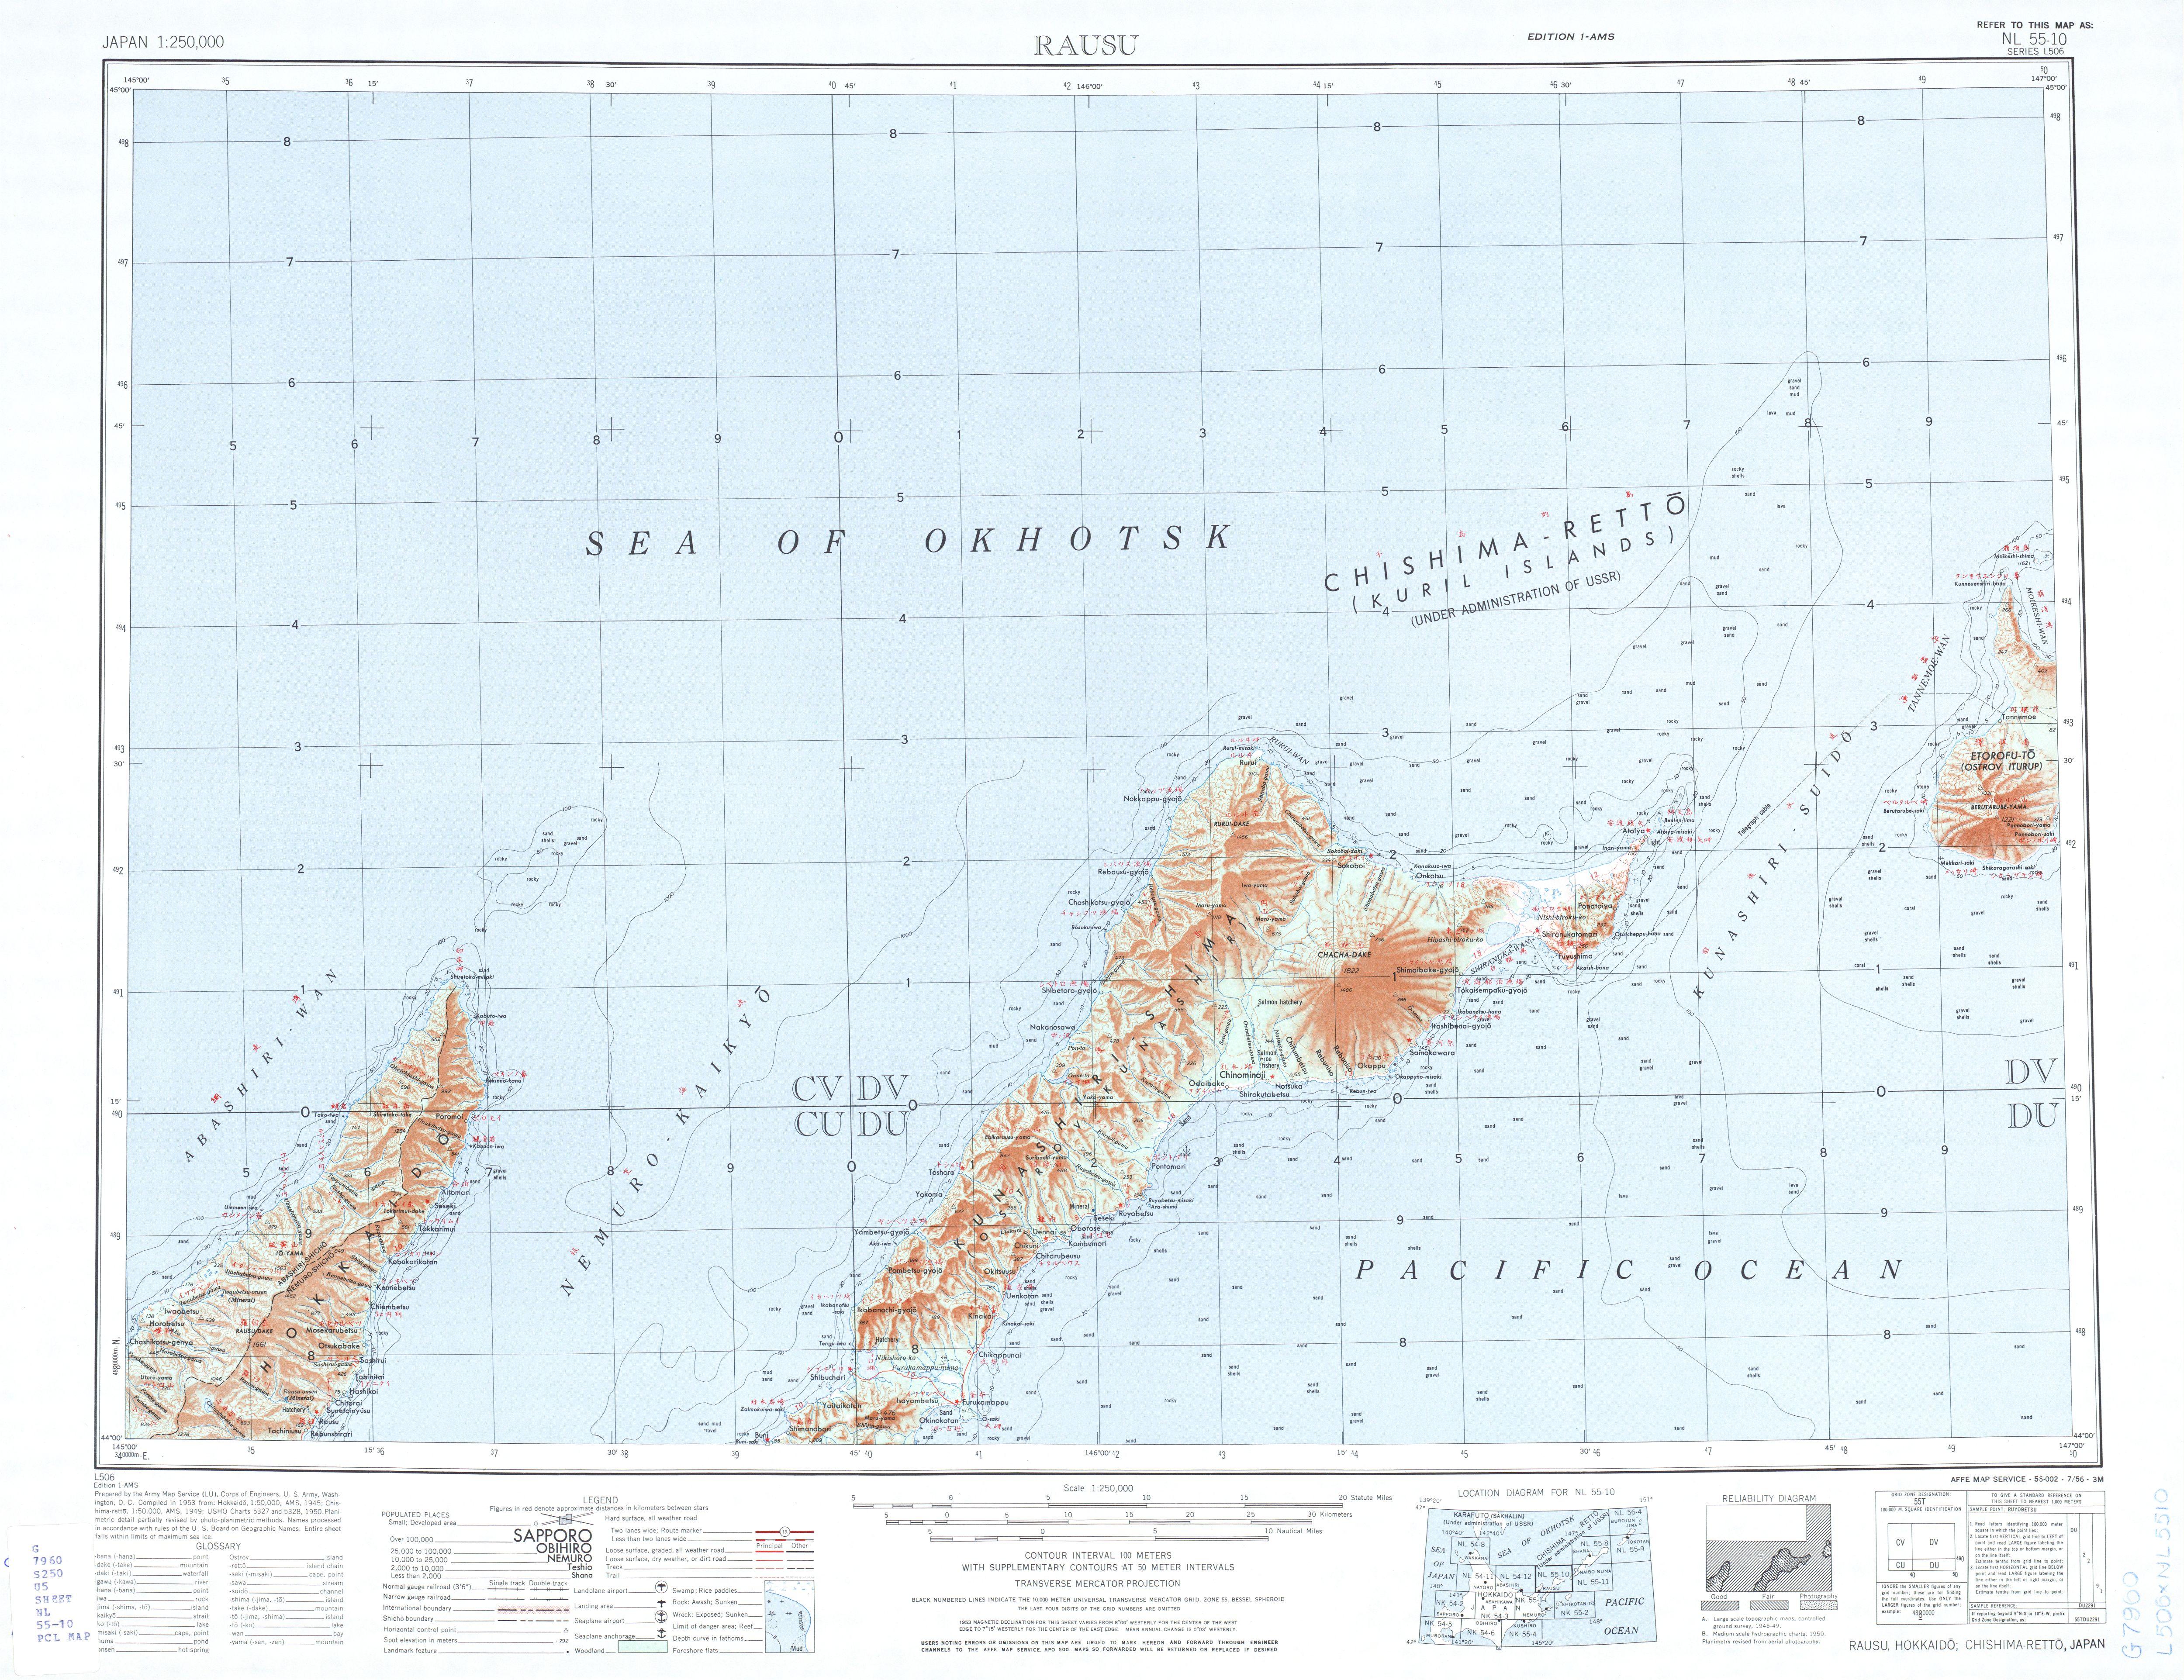 Hoja Rausu del Mapa Topográfico de Japón 1954